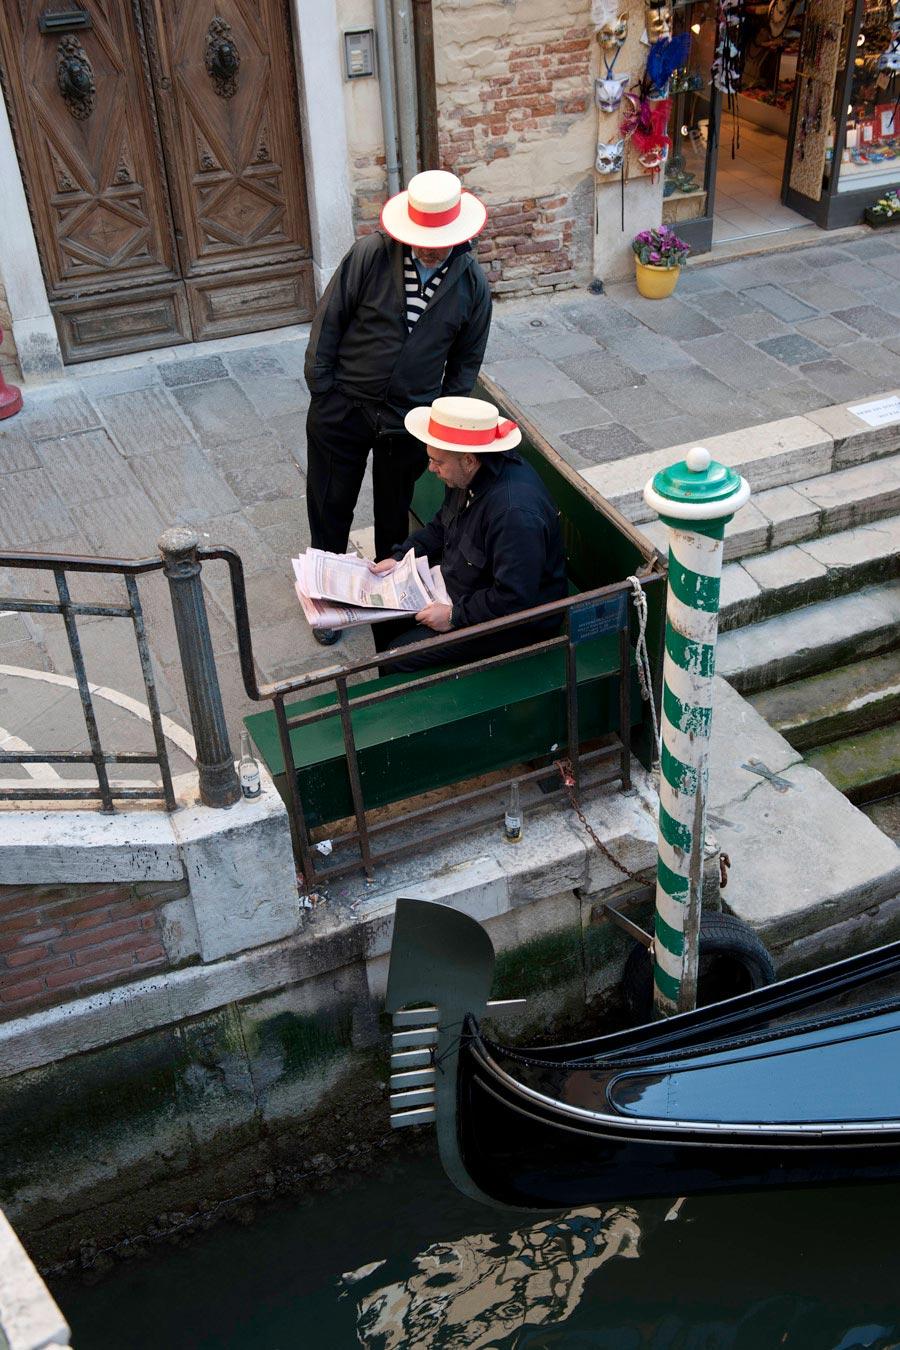 _SM10119, Venice, Italy, 03/2011, ITALY-10186